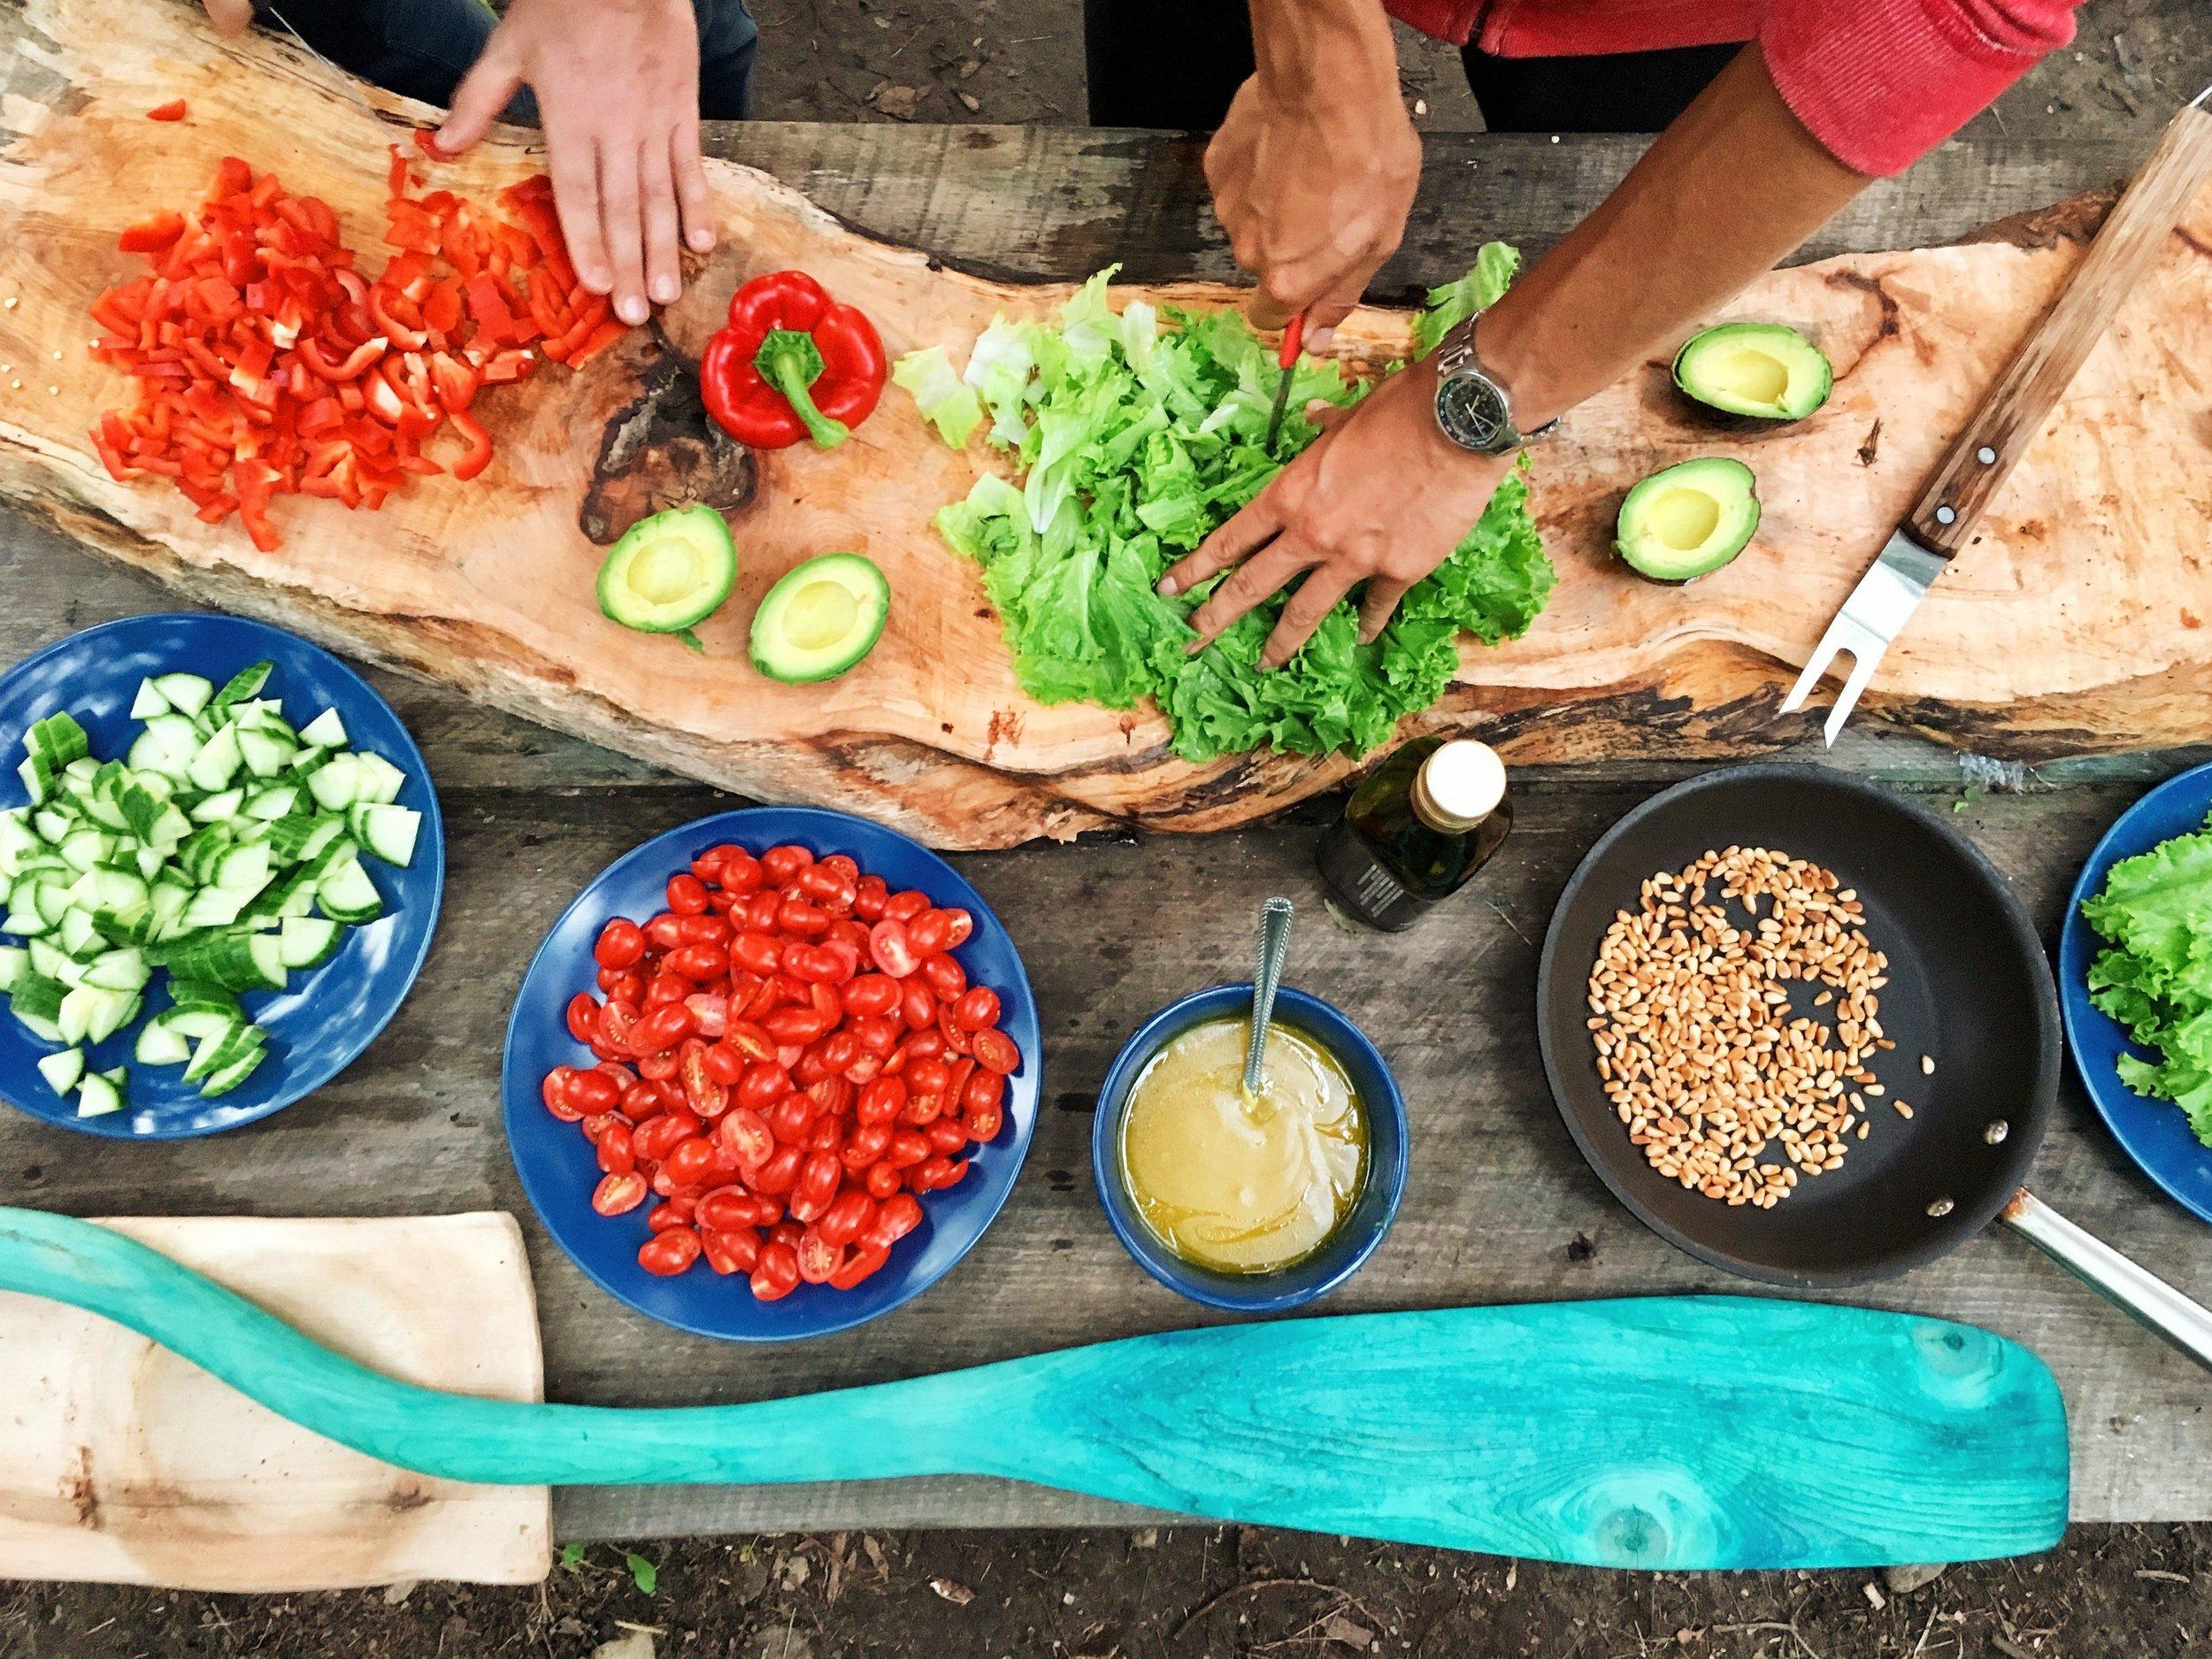 dieetadvies gezonde voeding en de psyche www.isa-power.nl